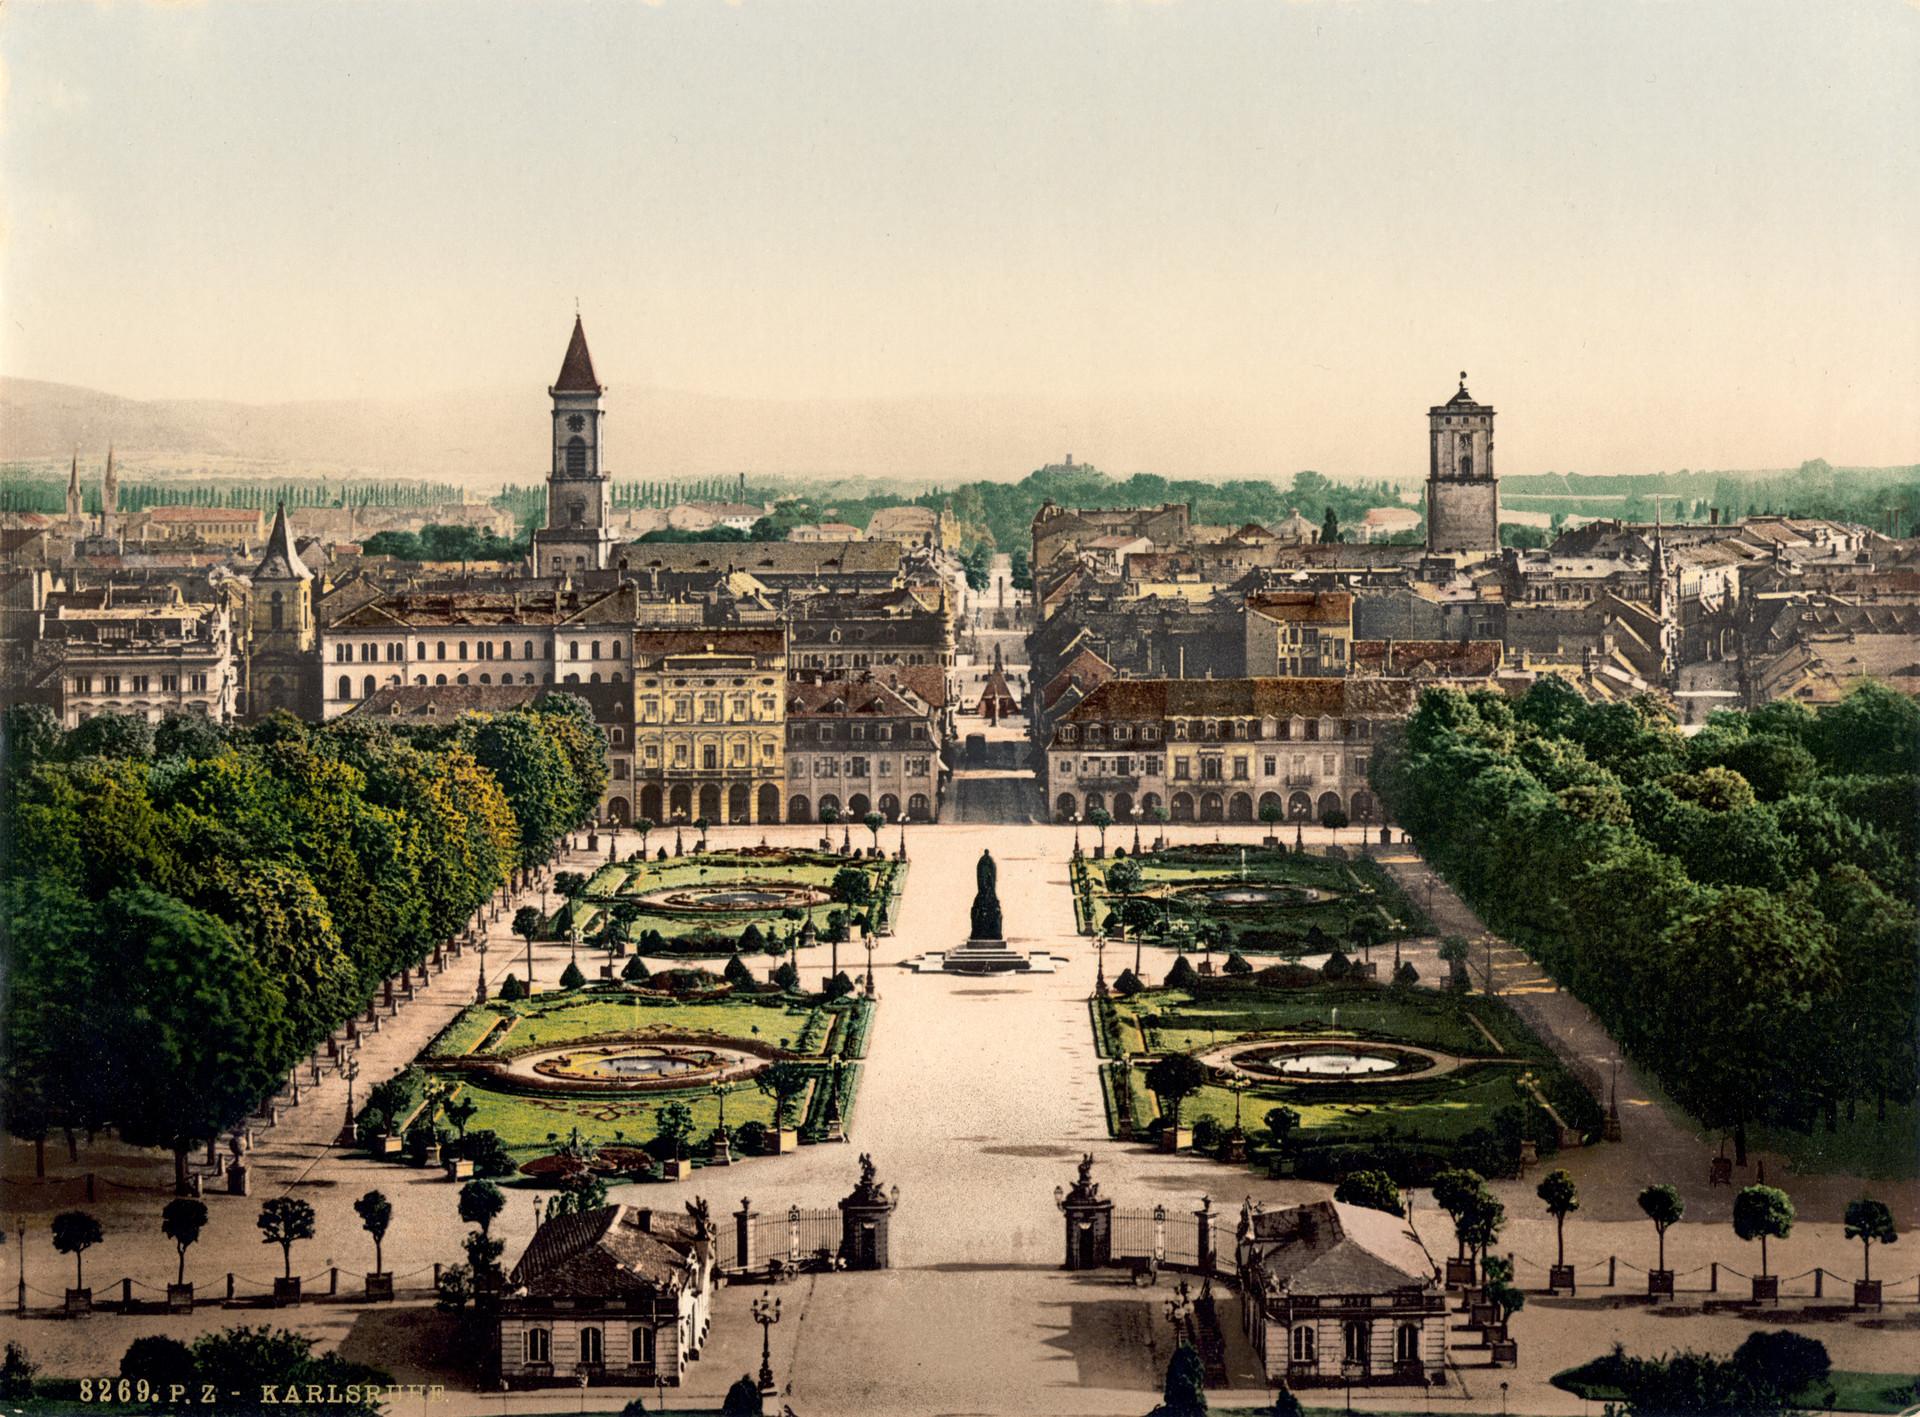 Experience in Karlsruhe, Germany by Dorothee | Erasmus